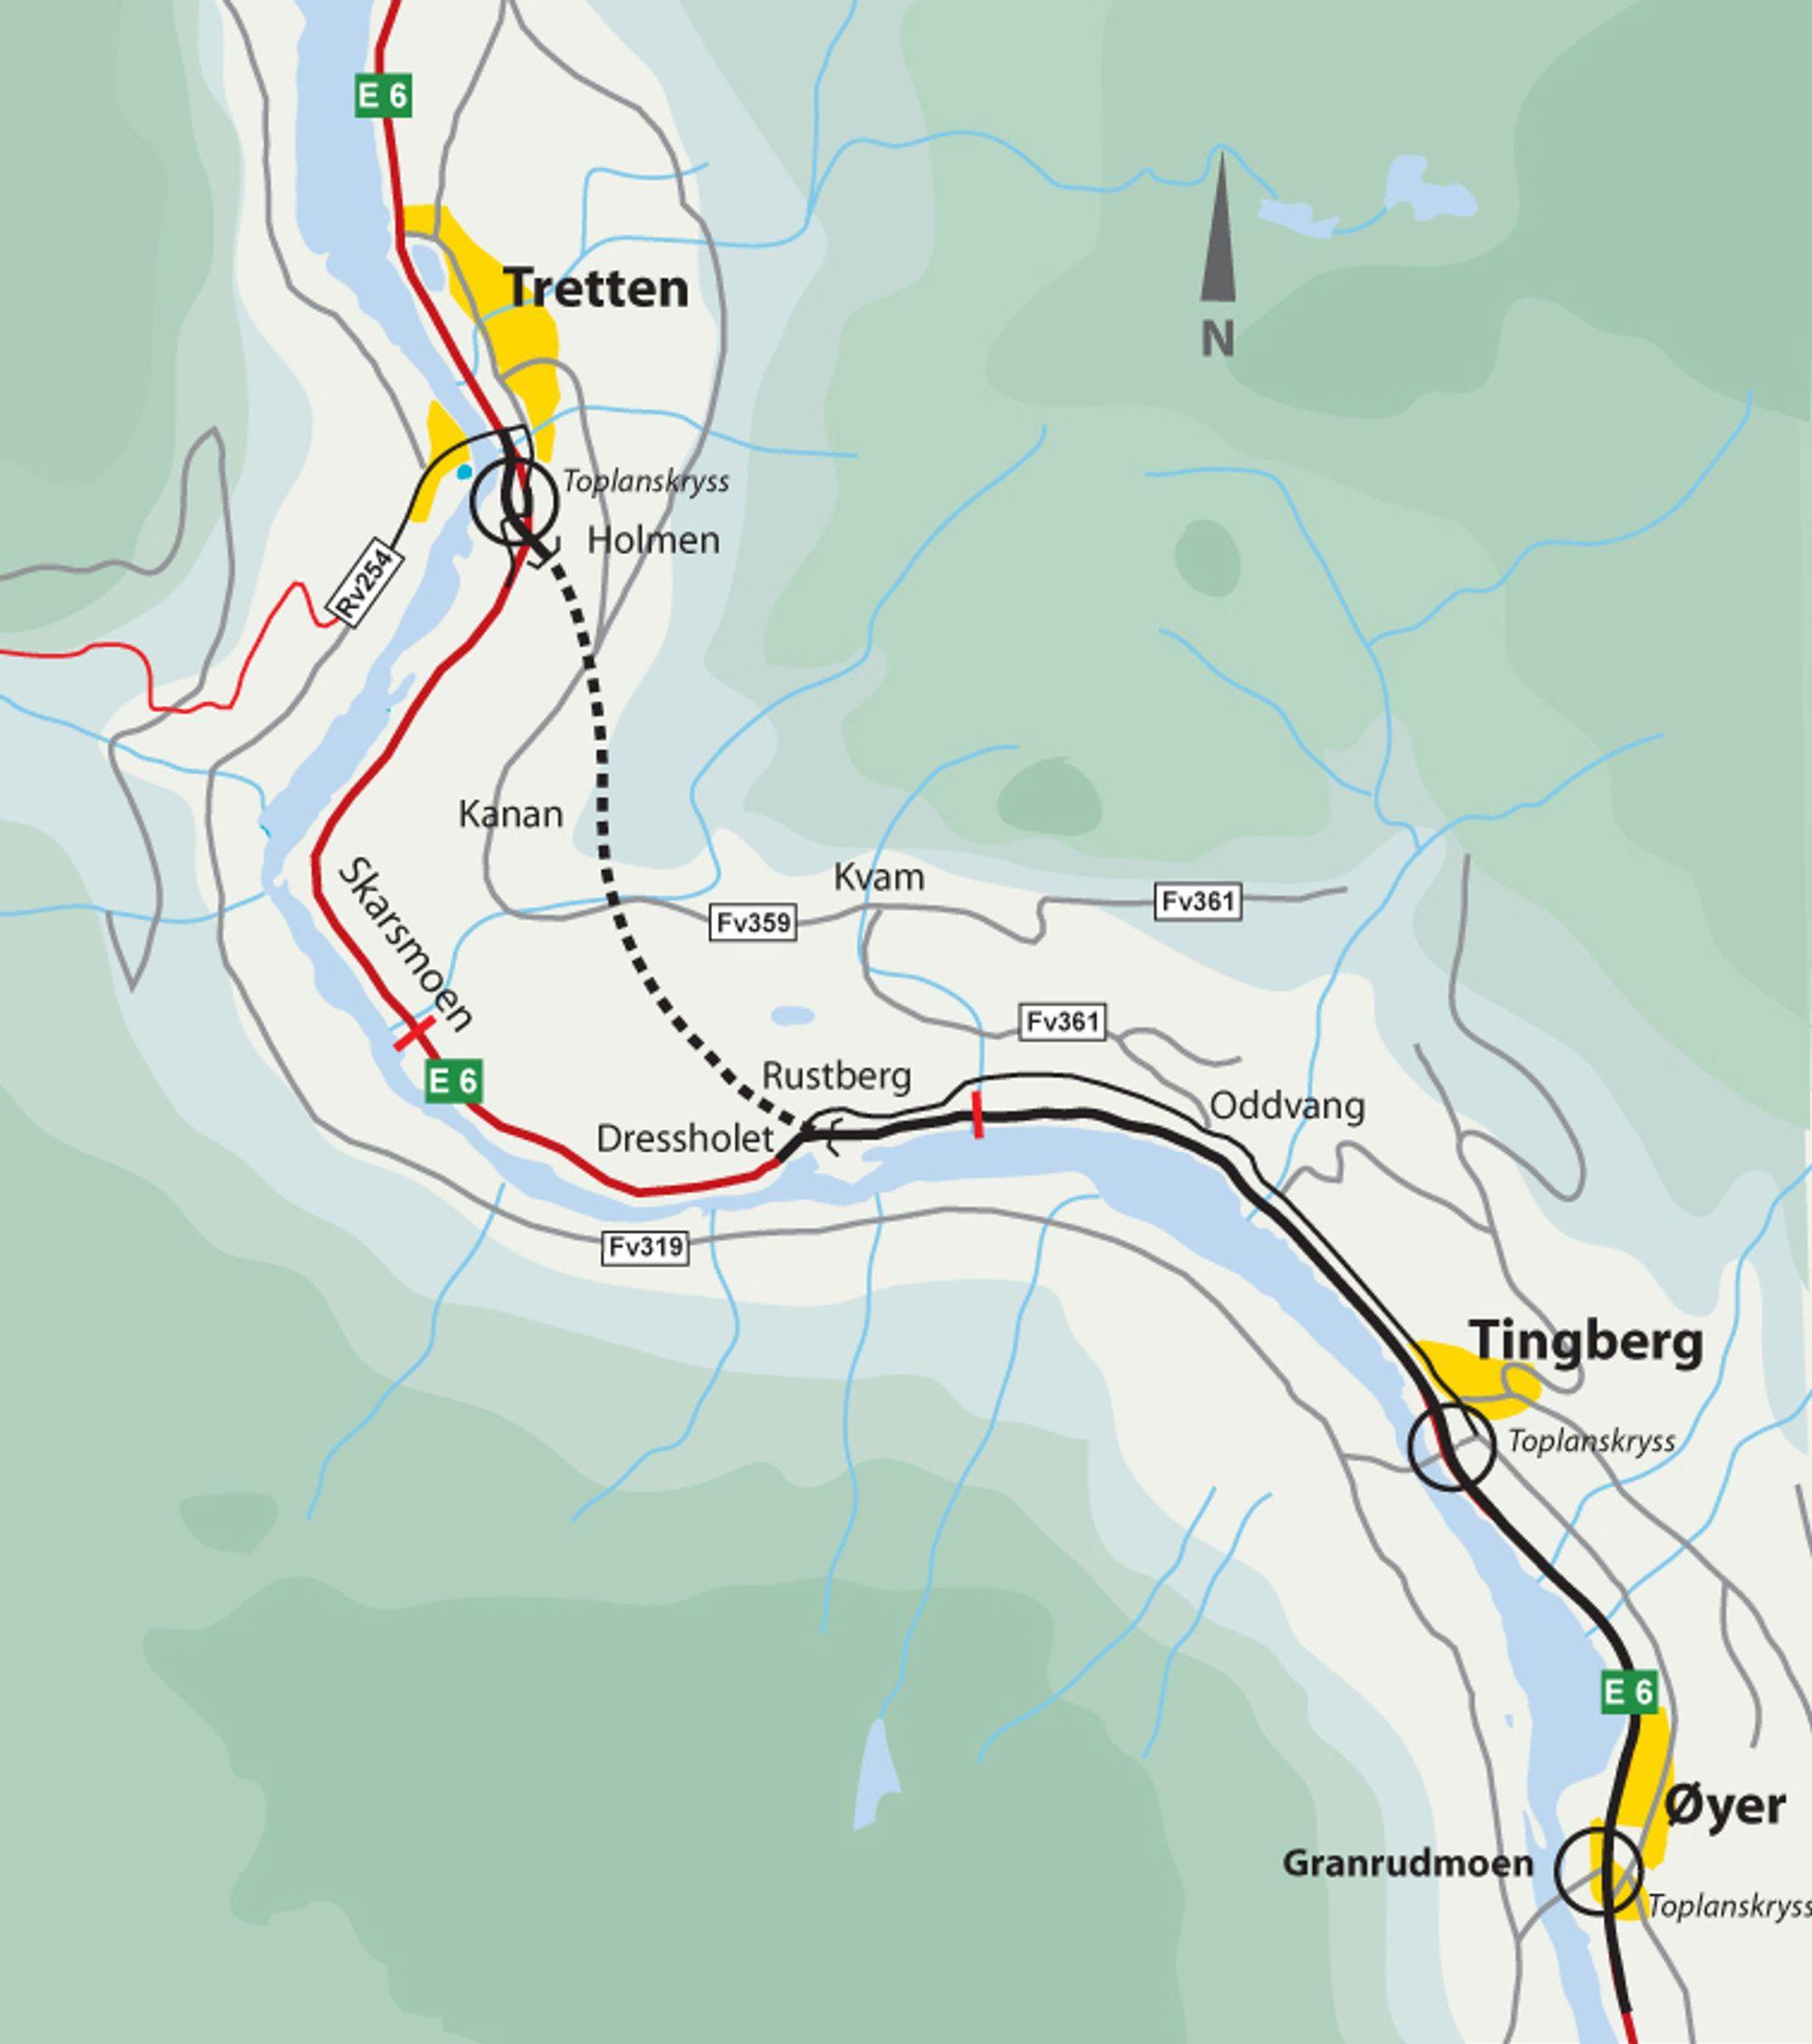 Alt tyder på at det blir AF Gruppen eller Hæhre Entreprenør som skal sprenge tunnel og utvide E 6 mellom Øyer og Tretten.